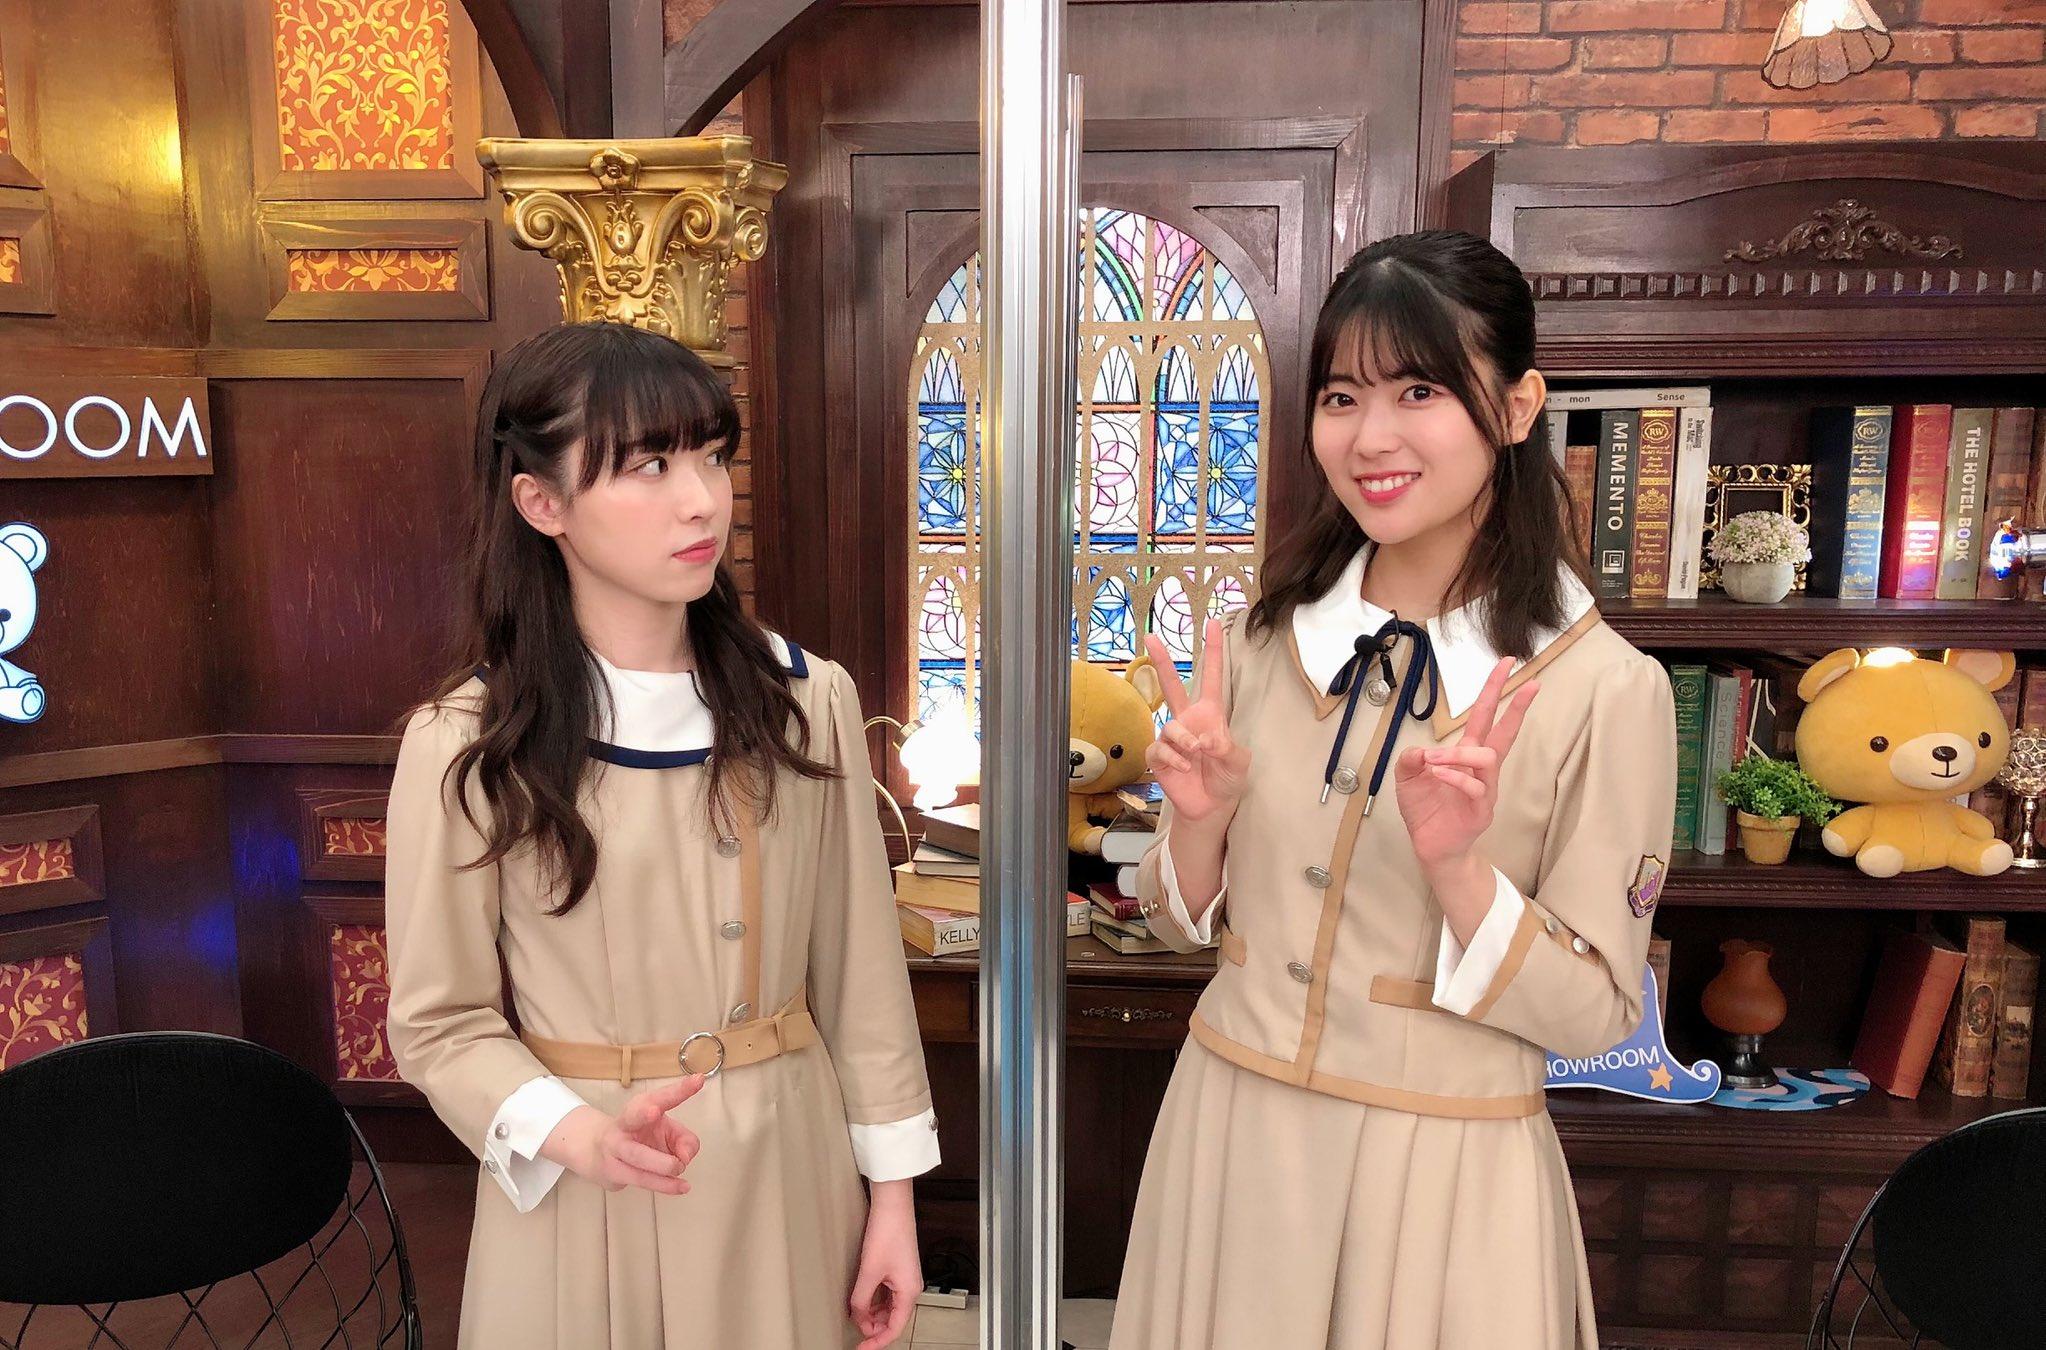 乃木坂46「猫舌SHOWROOM」 渡辺みり愛 岩本蓮加